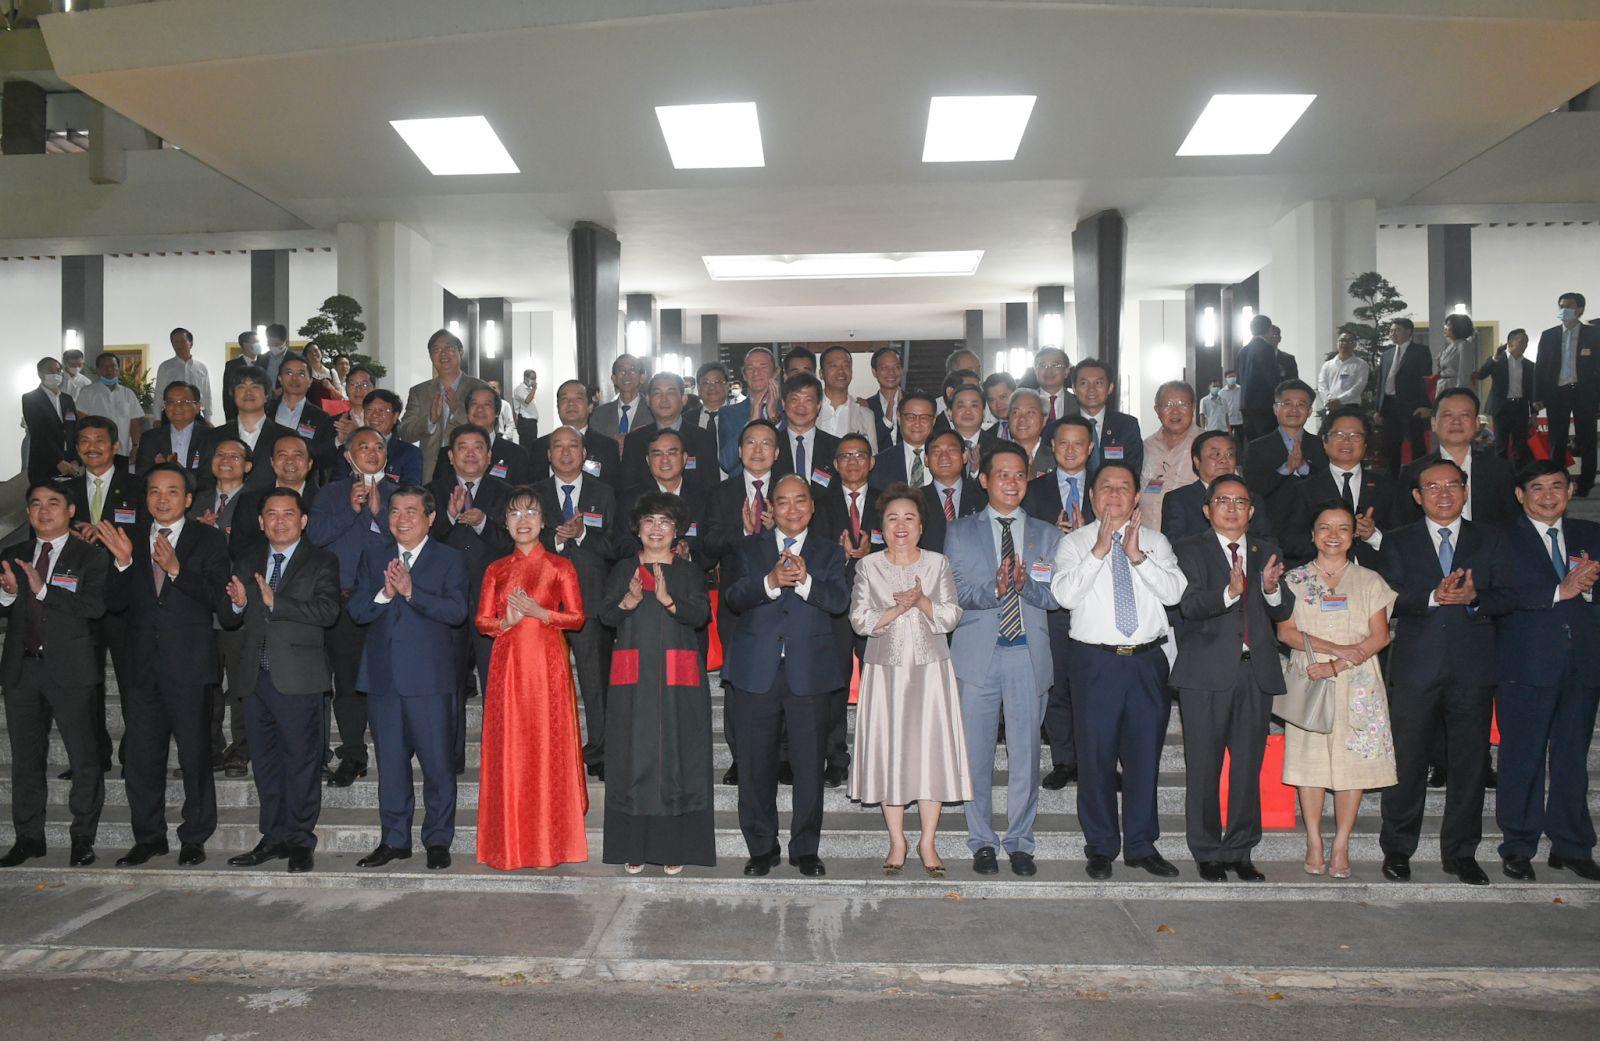 Thủ tướng và các đại biểu dự Đối thoại 2045. Ảnh: VGP/Quang Hiếu